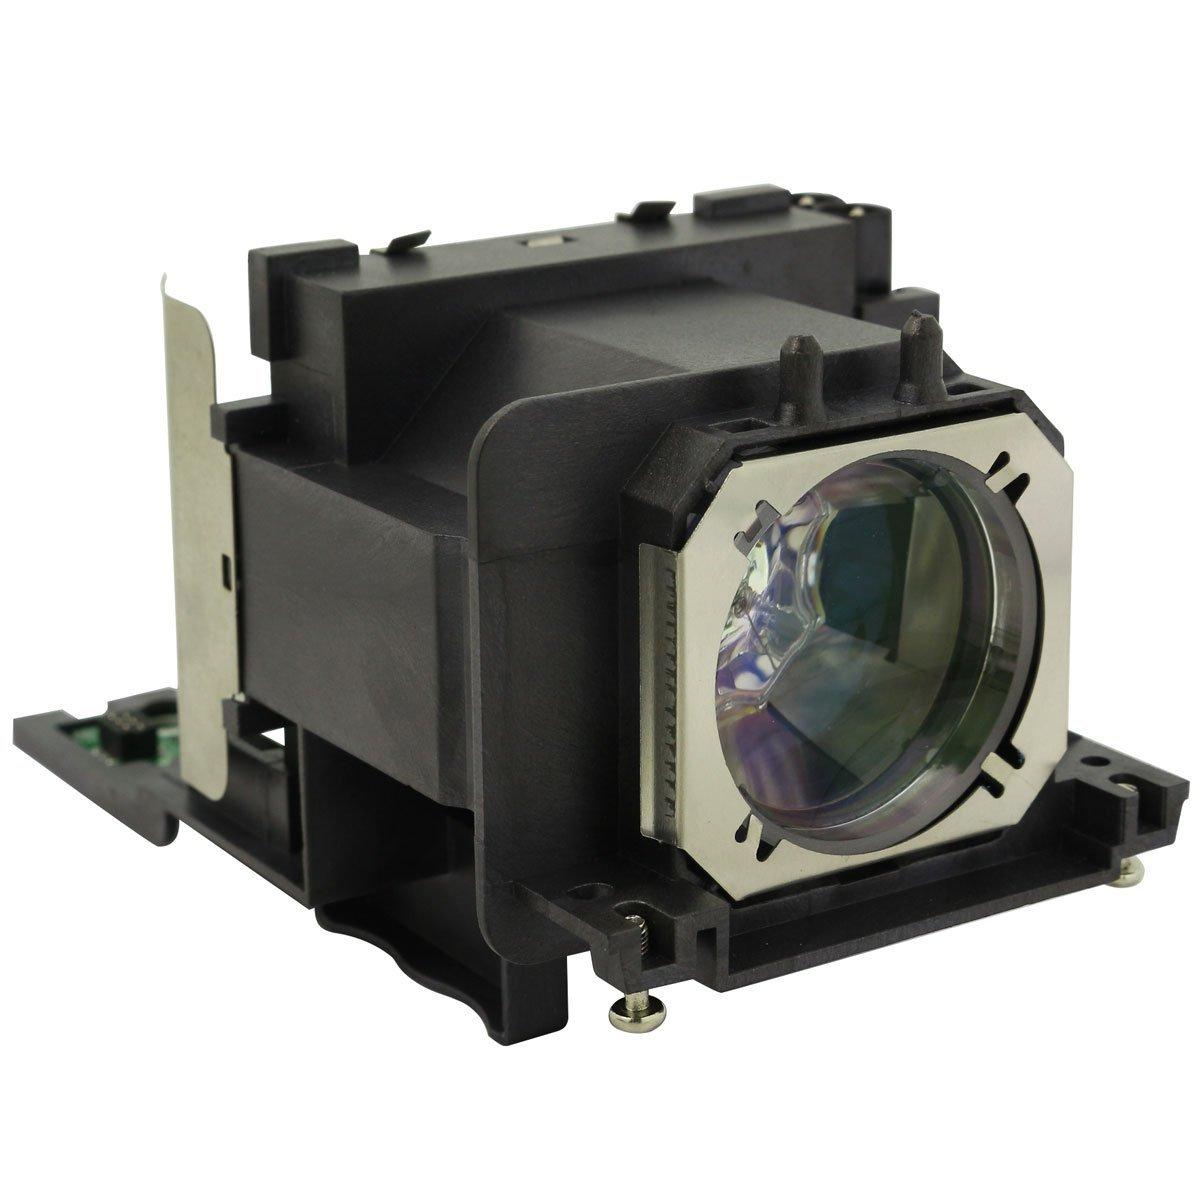 松下投影机PT-BX620C/PT-BX621C/PT-BX650C/bw530c灯泡ET-LAV400C